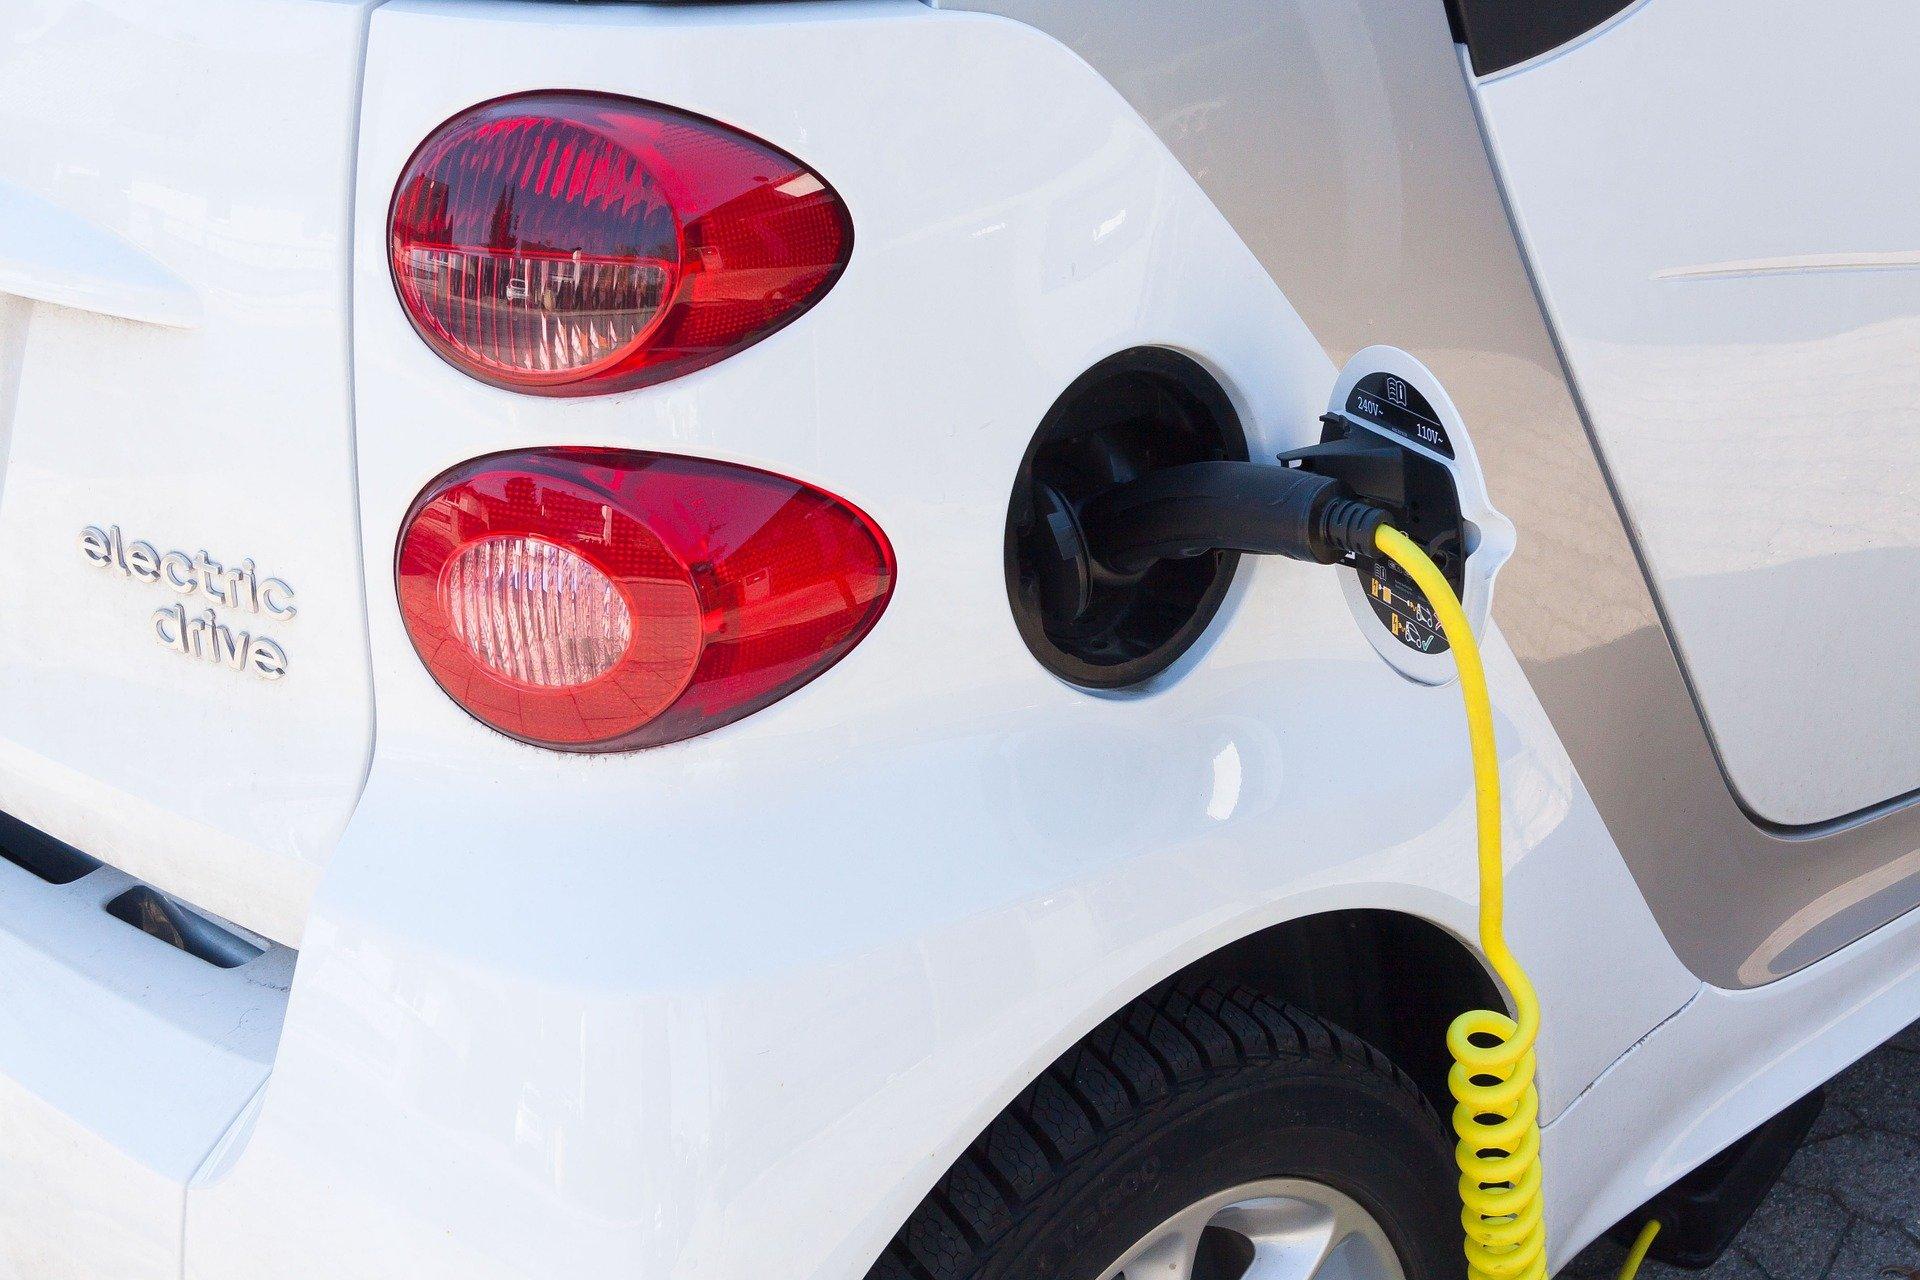 Über ein gelbes Ladekabel wird ein weißes Elektroauto geladen.